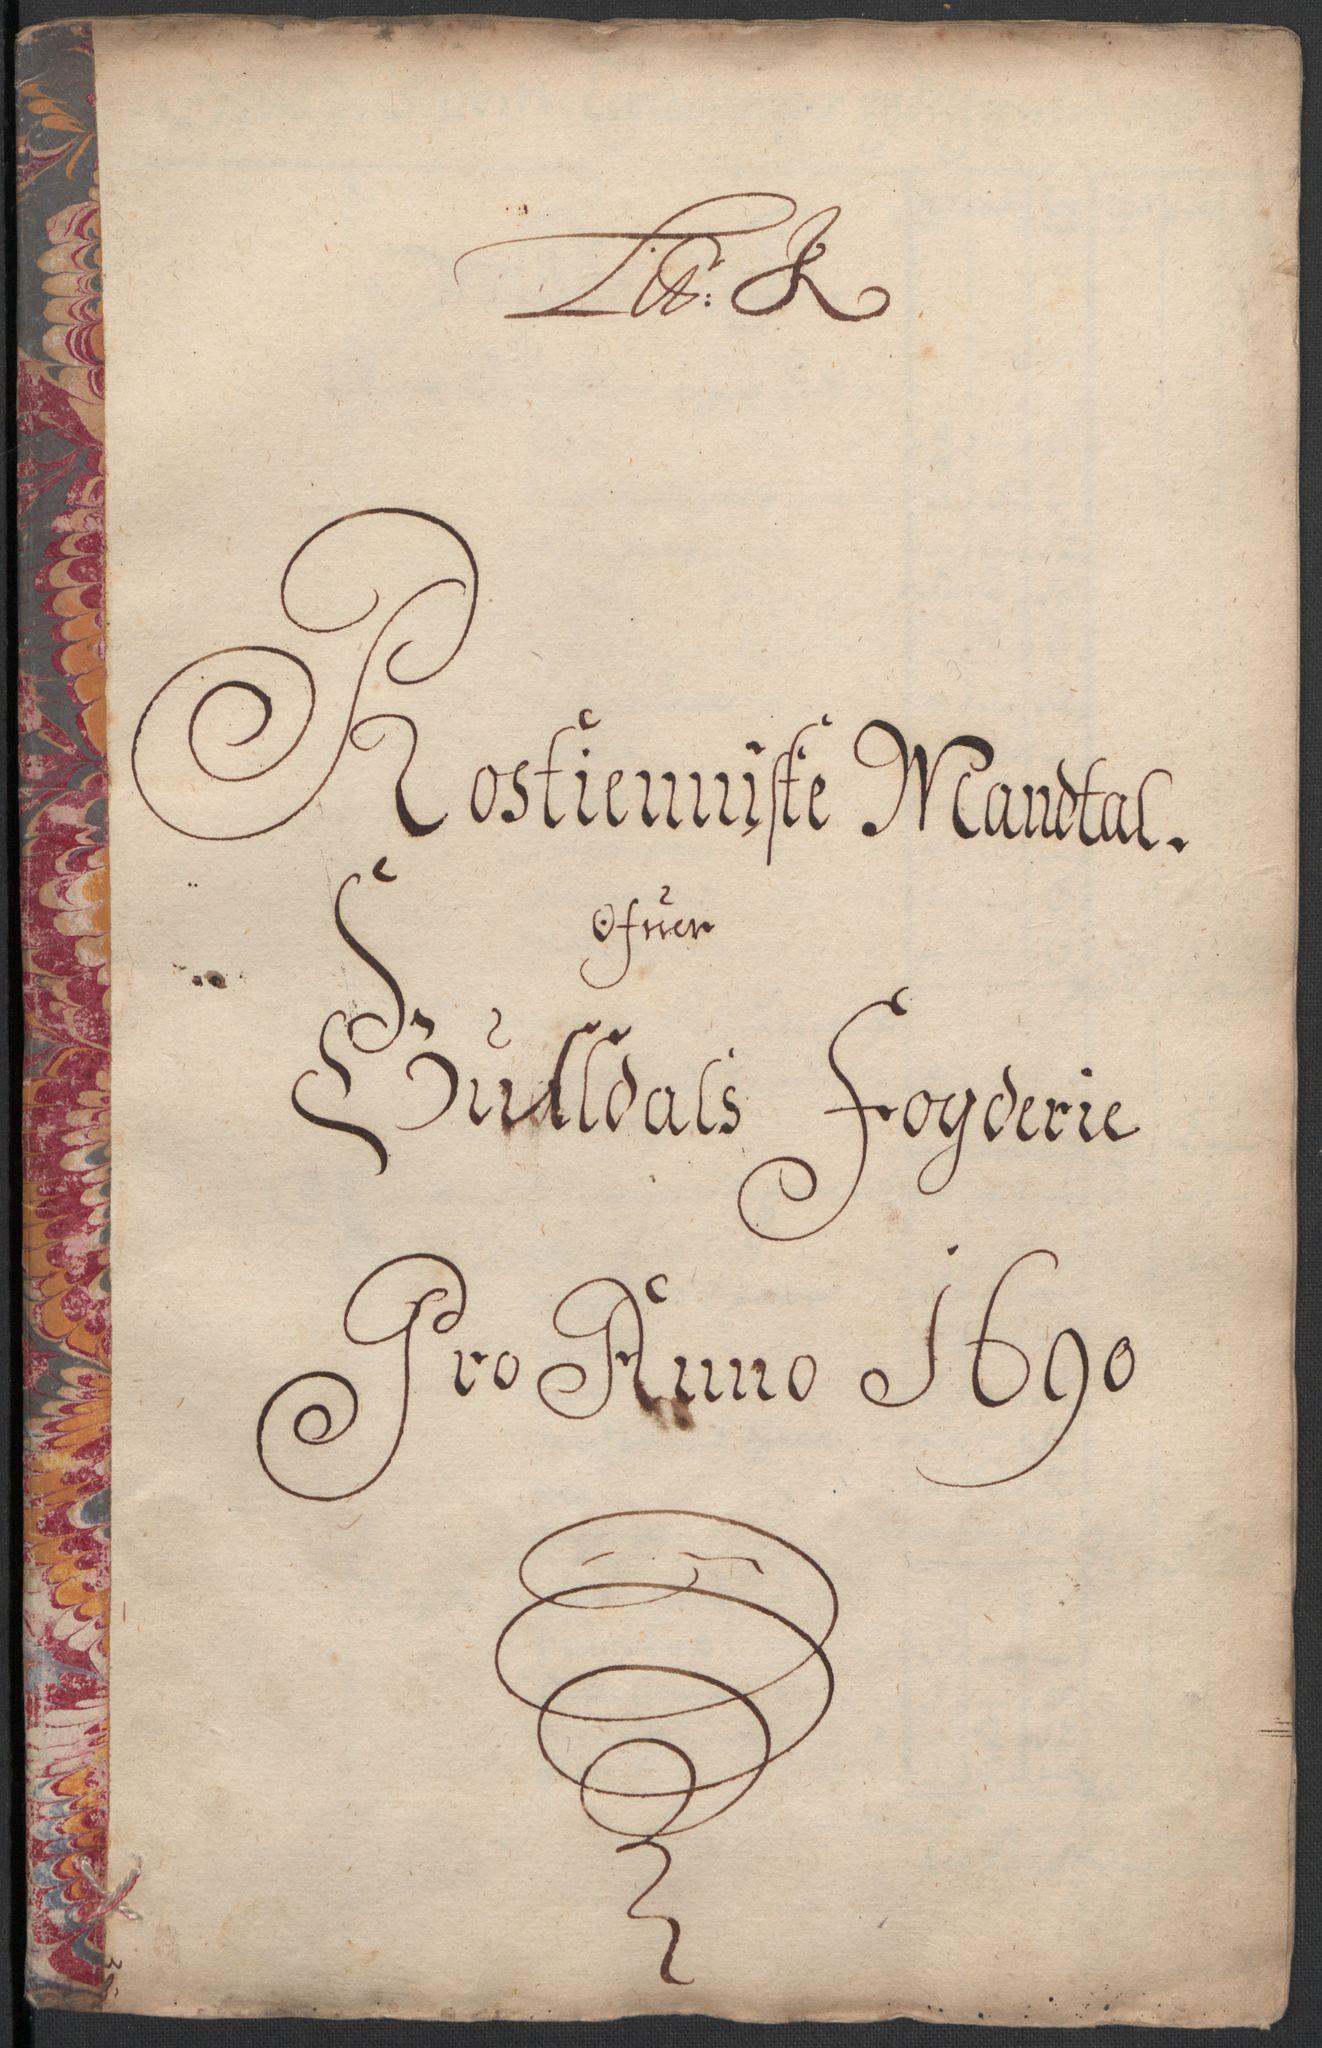 RA, Rentekammeret inntil 1814, Reviderte regnskaper, Fogderegnskap, R59/L3940: Fogderegnskap Gauldal, 1689-1690, s. 311